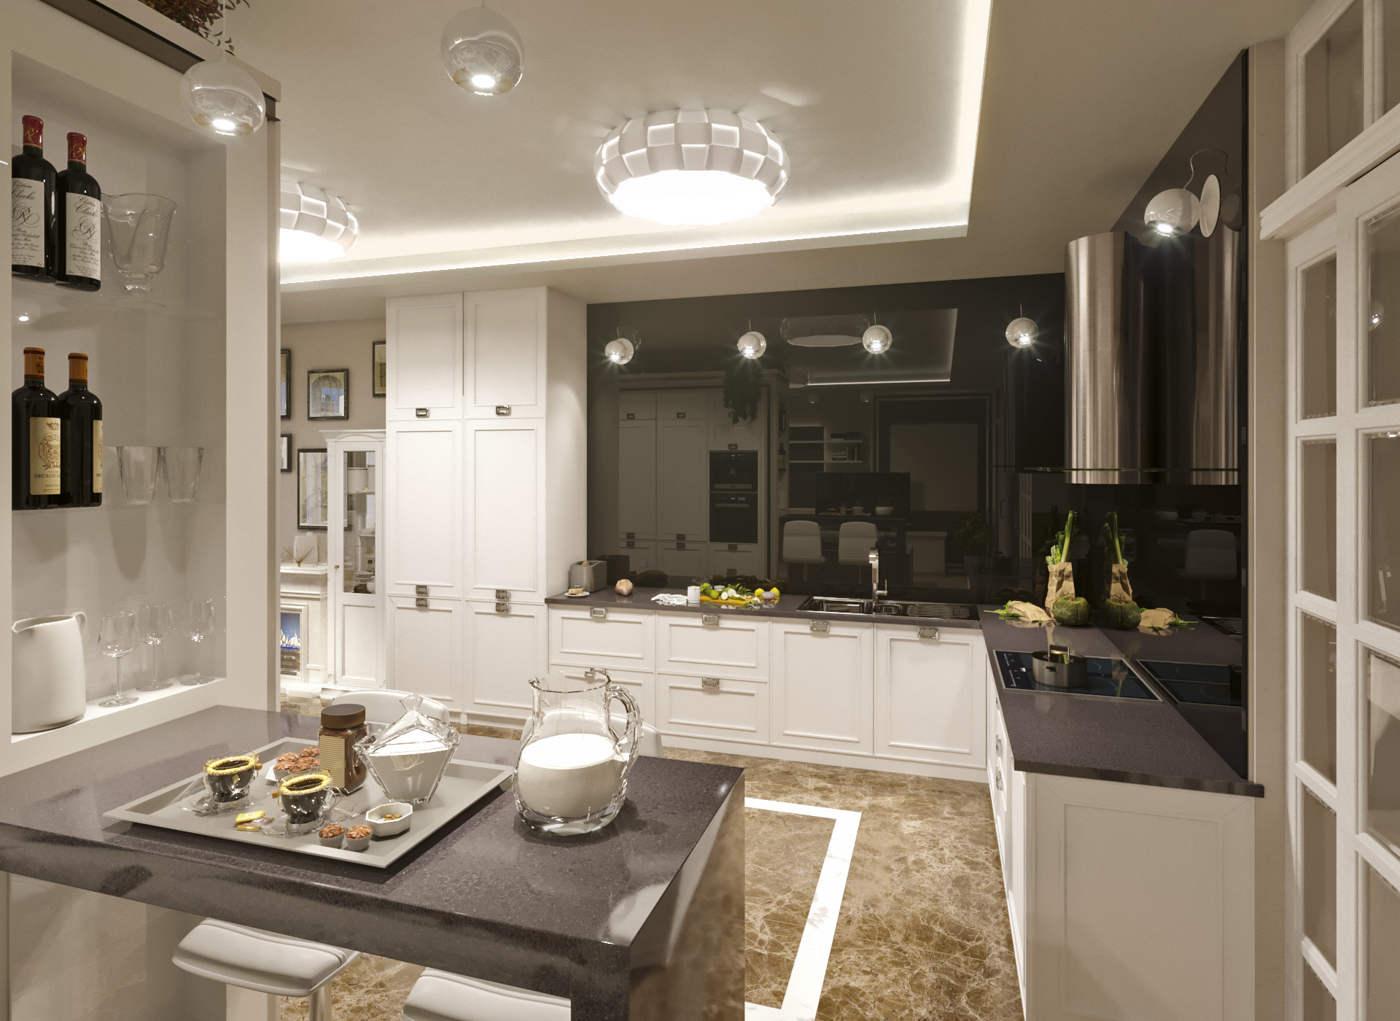 Дизайн кухни в квартире Киев ЖК Тетрис Хол, деловая, современная класика, фасады белые из дерева крашеные